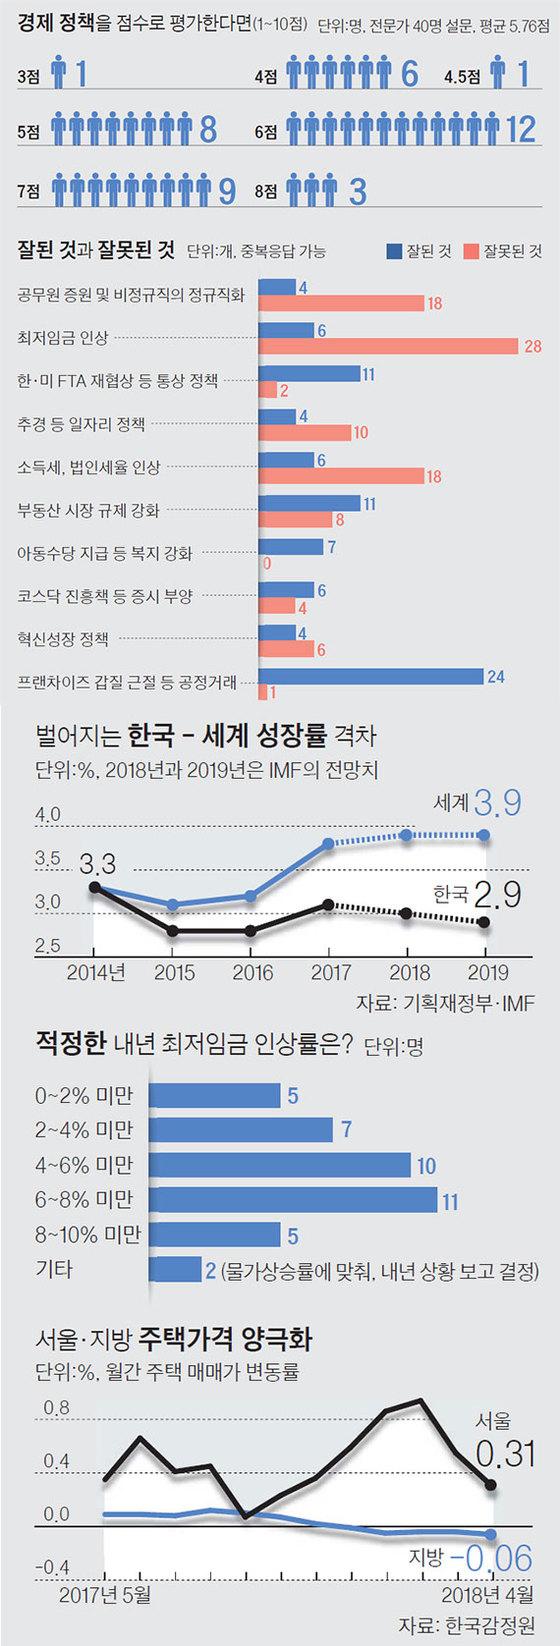 문재인 정부 1년 경제정책